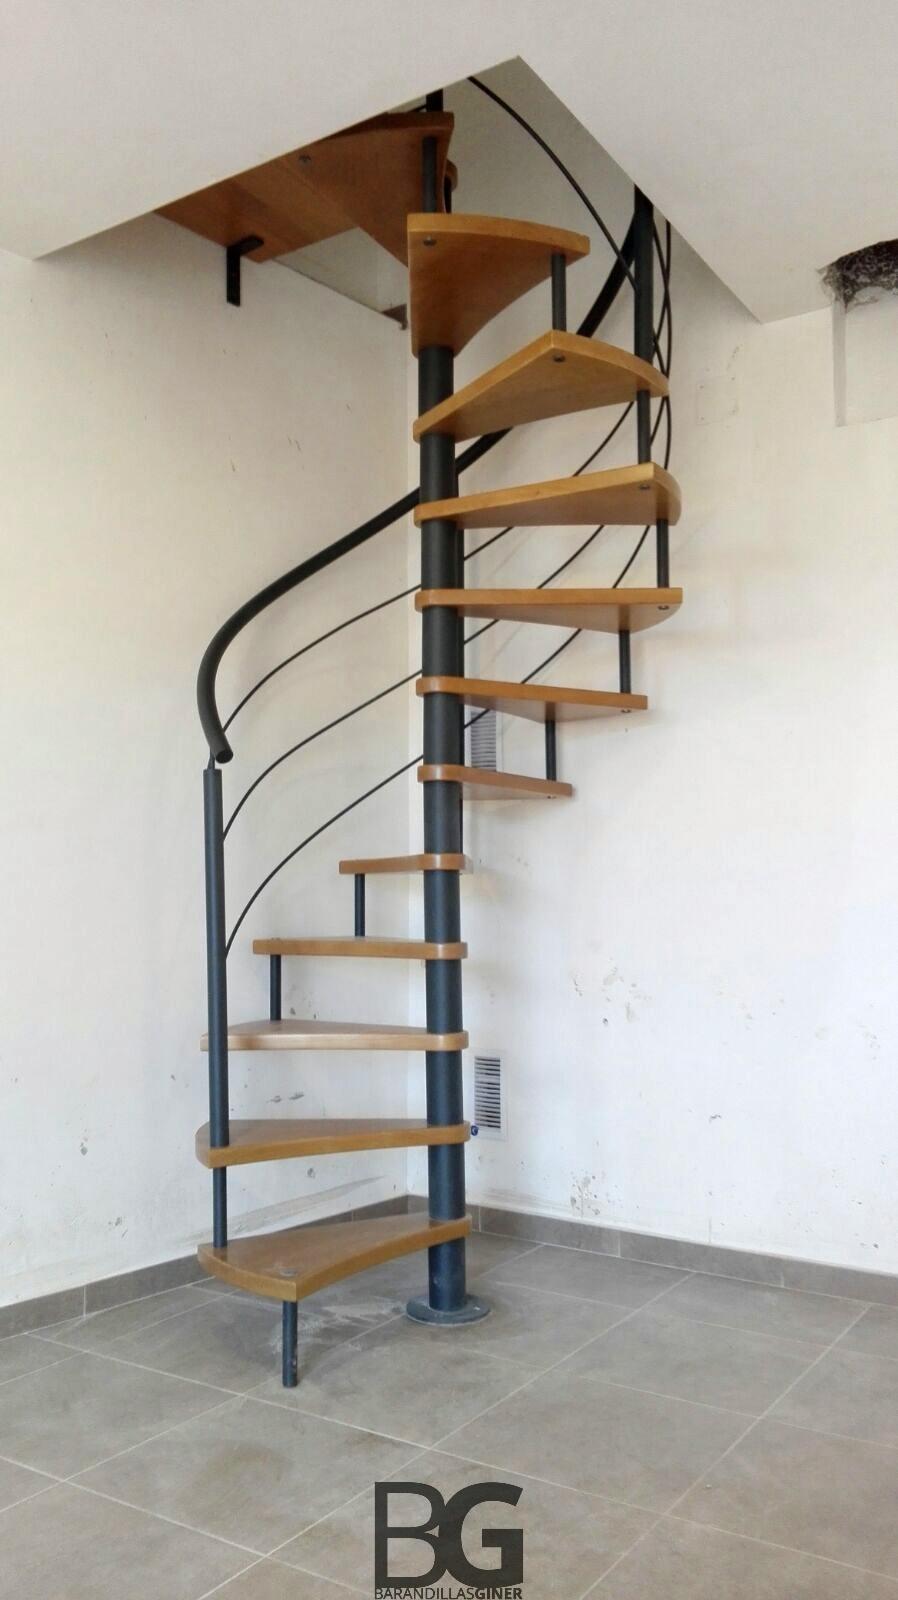 Escaleras de caracol medidas cheap toma medidas with for Escalera caracol medidas